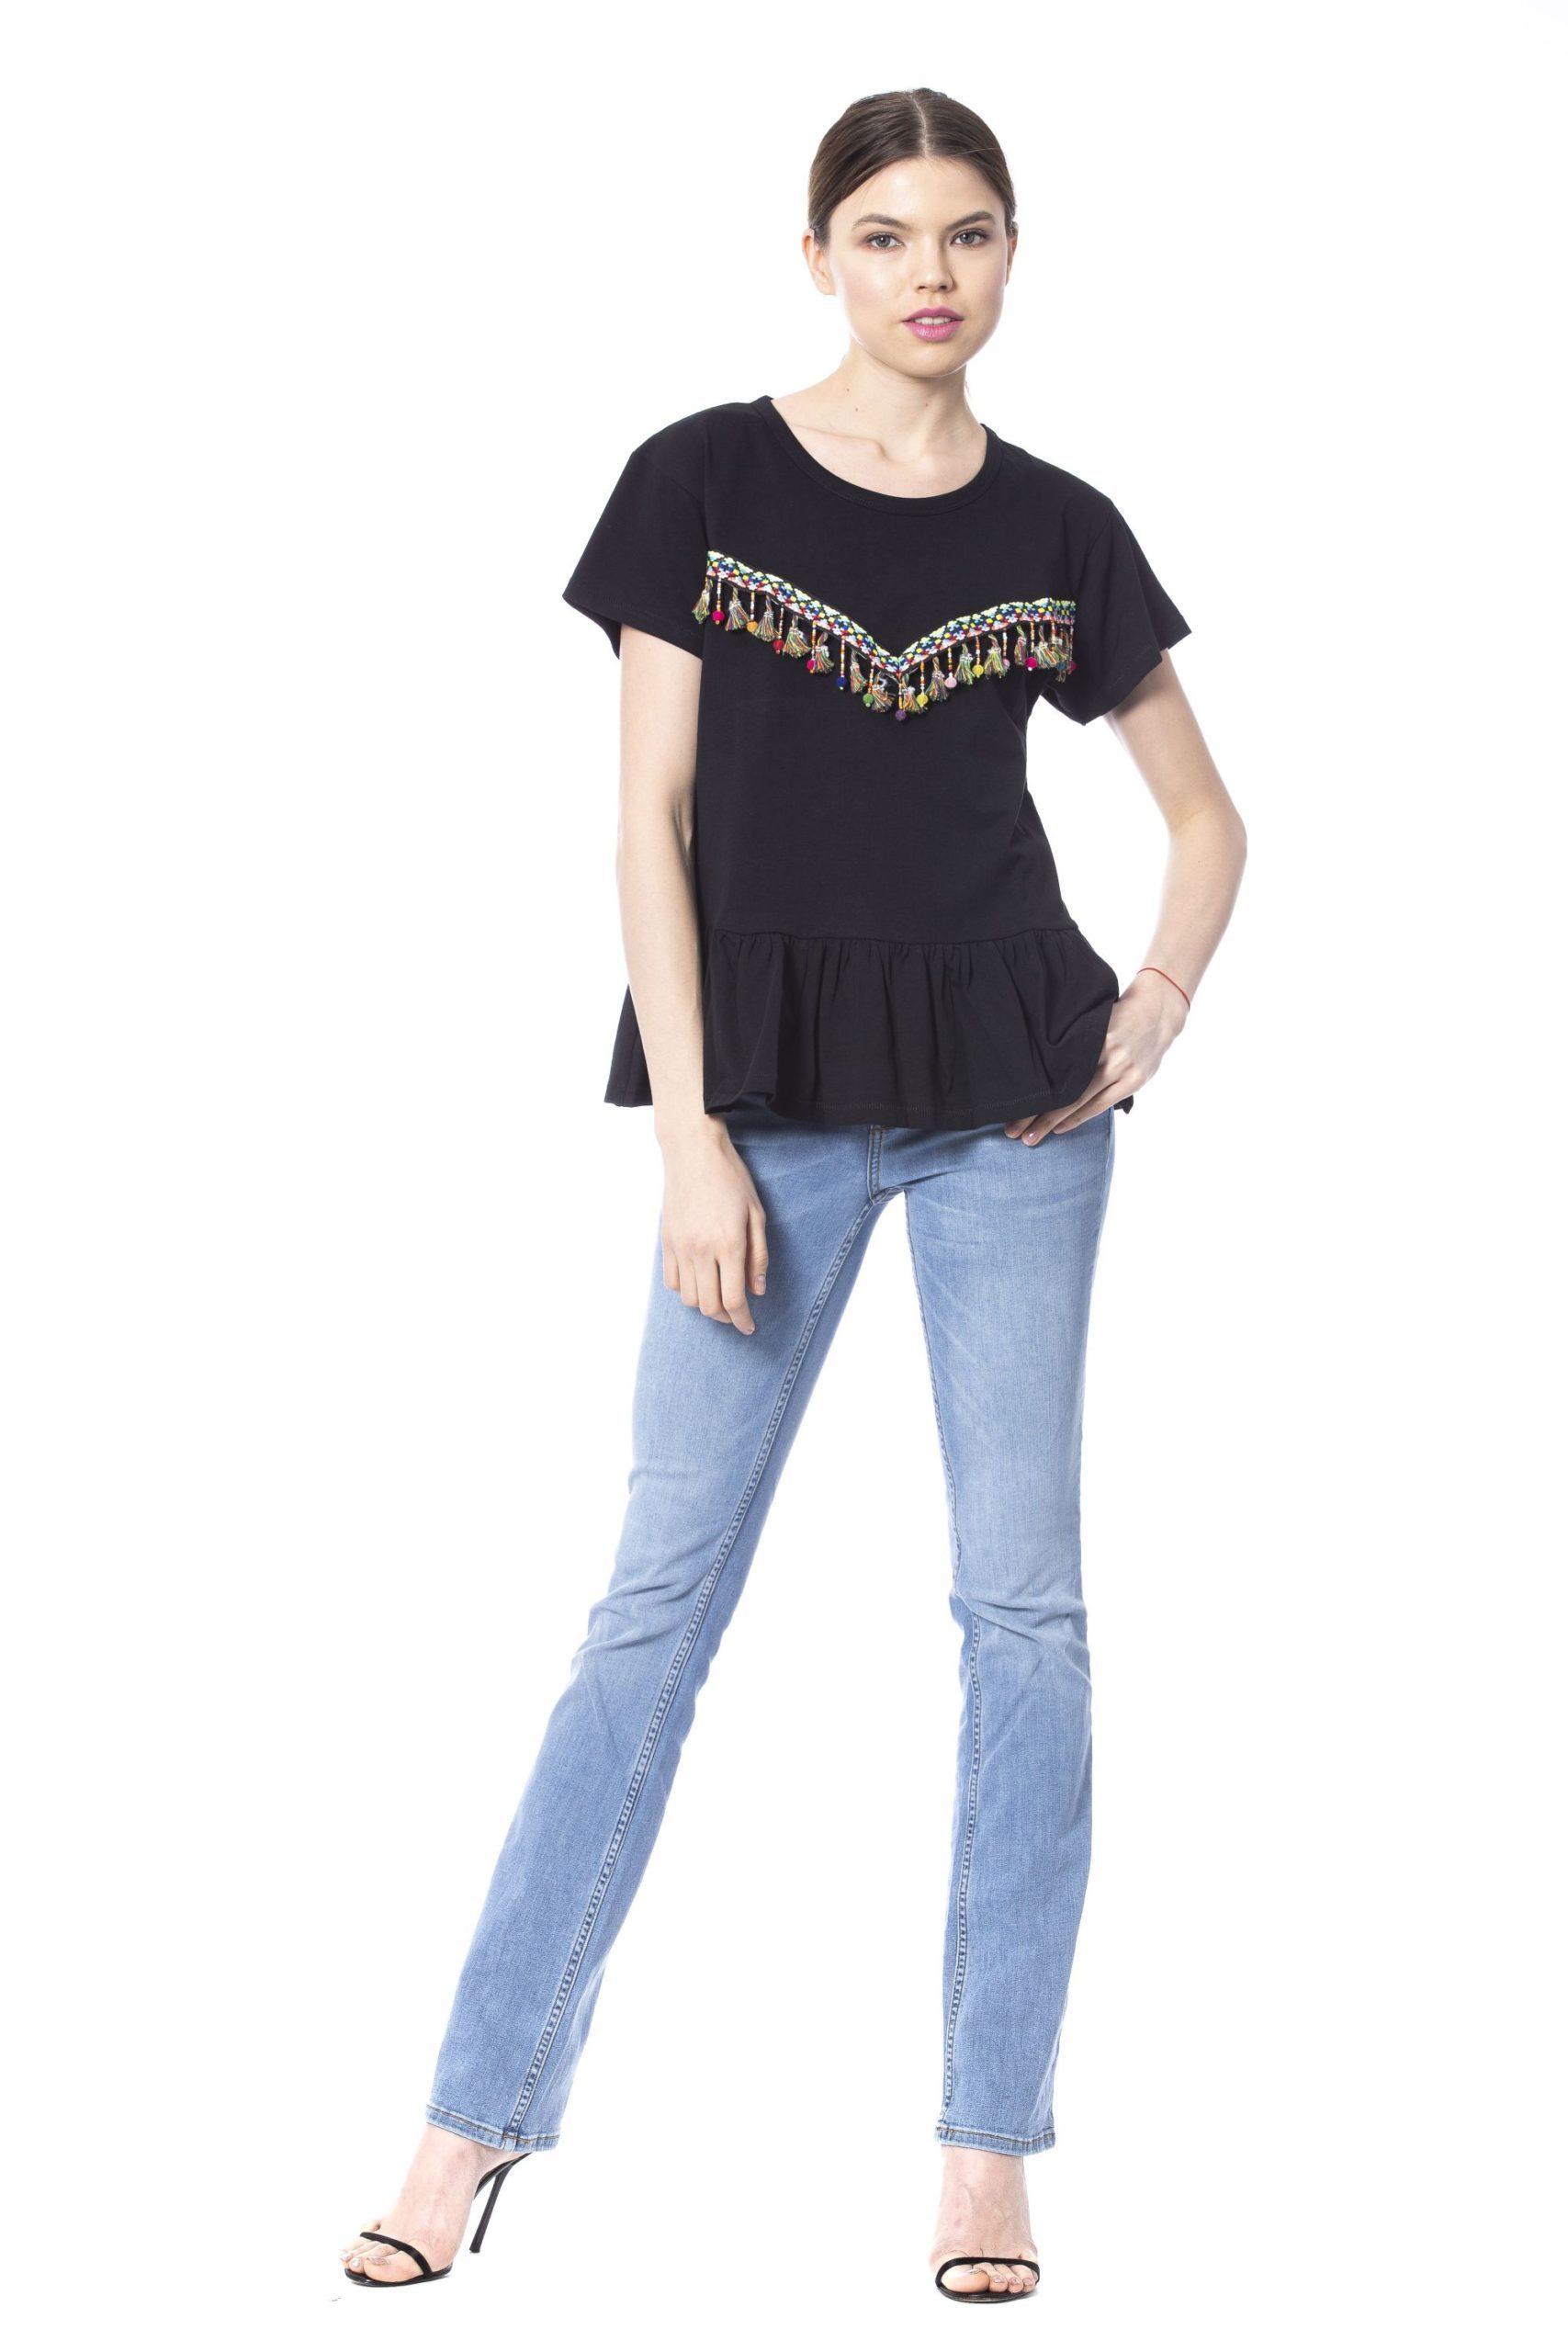 Silvian Heach Women's T-Shirt Black SI1235157 - XS